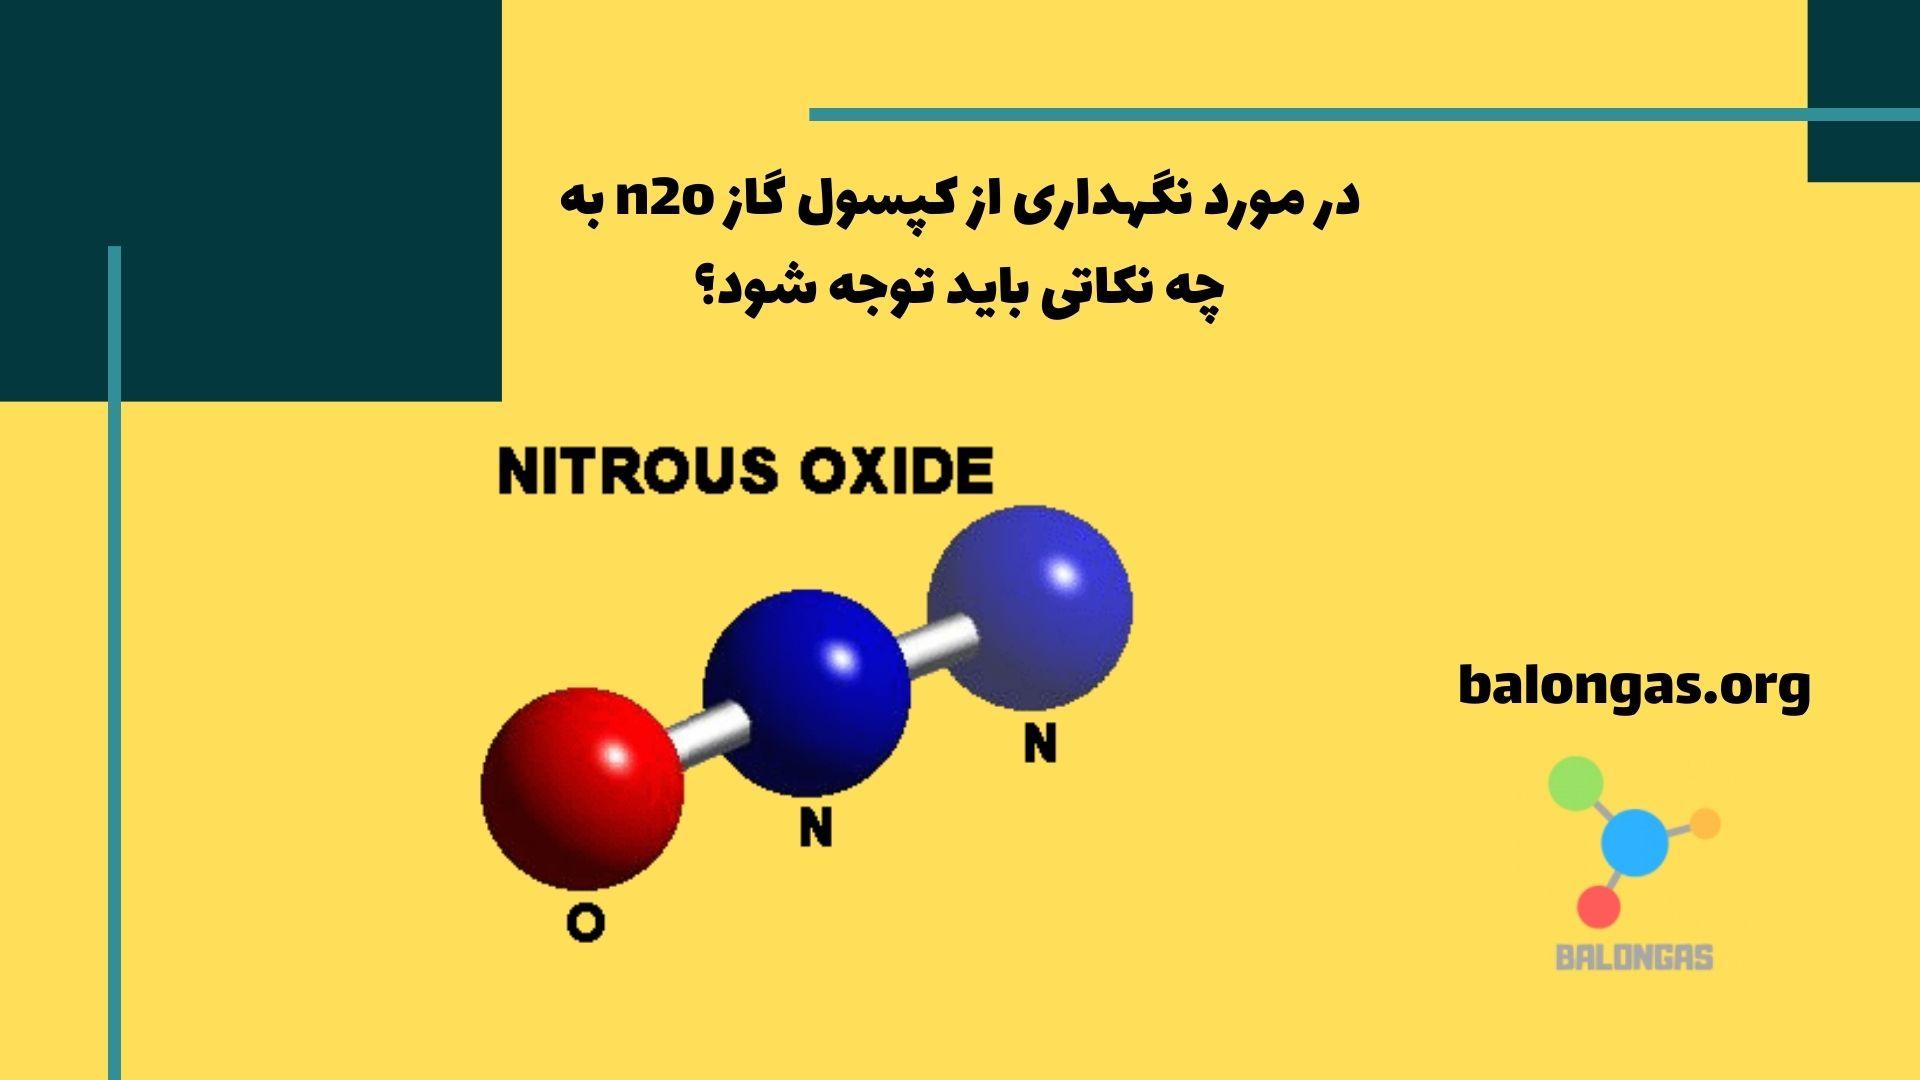 در مورد نگهداری از کپسول گاز n2o به چه نکاتی باید توجه شود؟